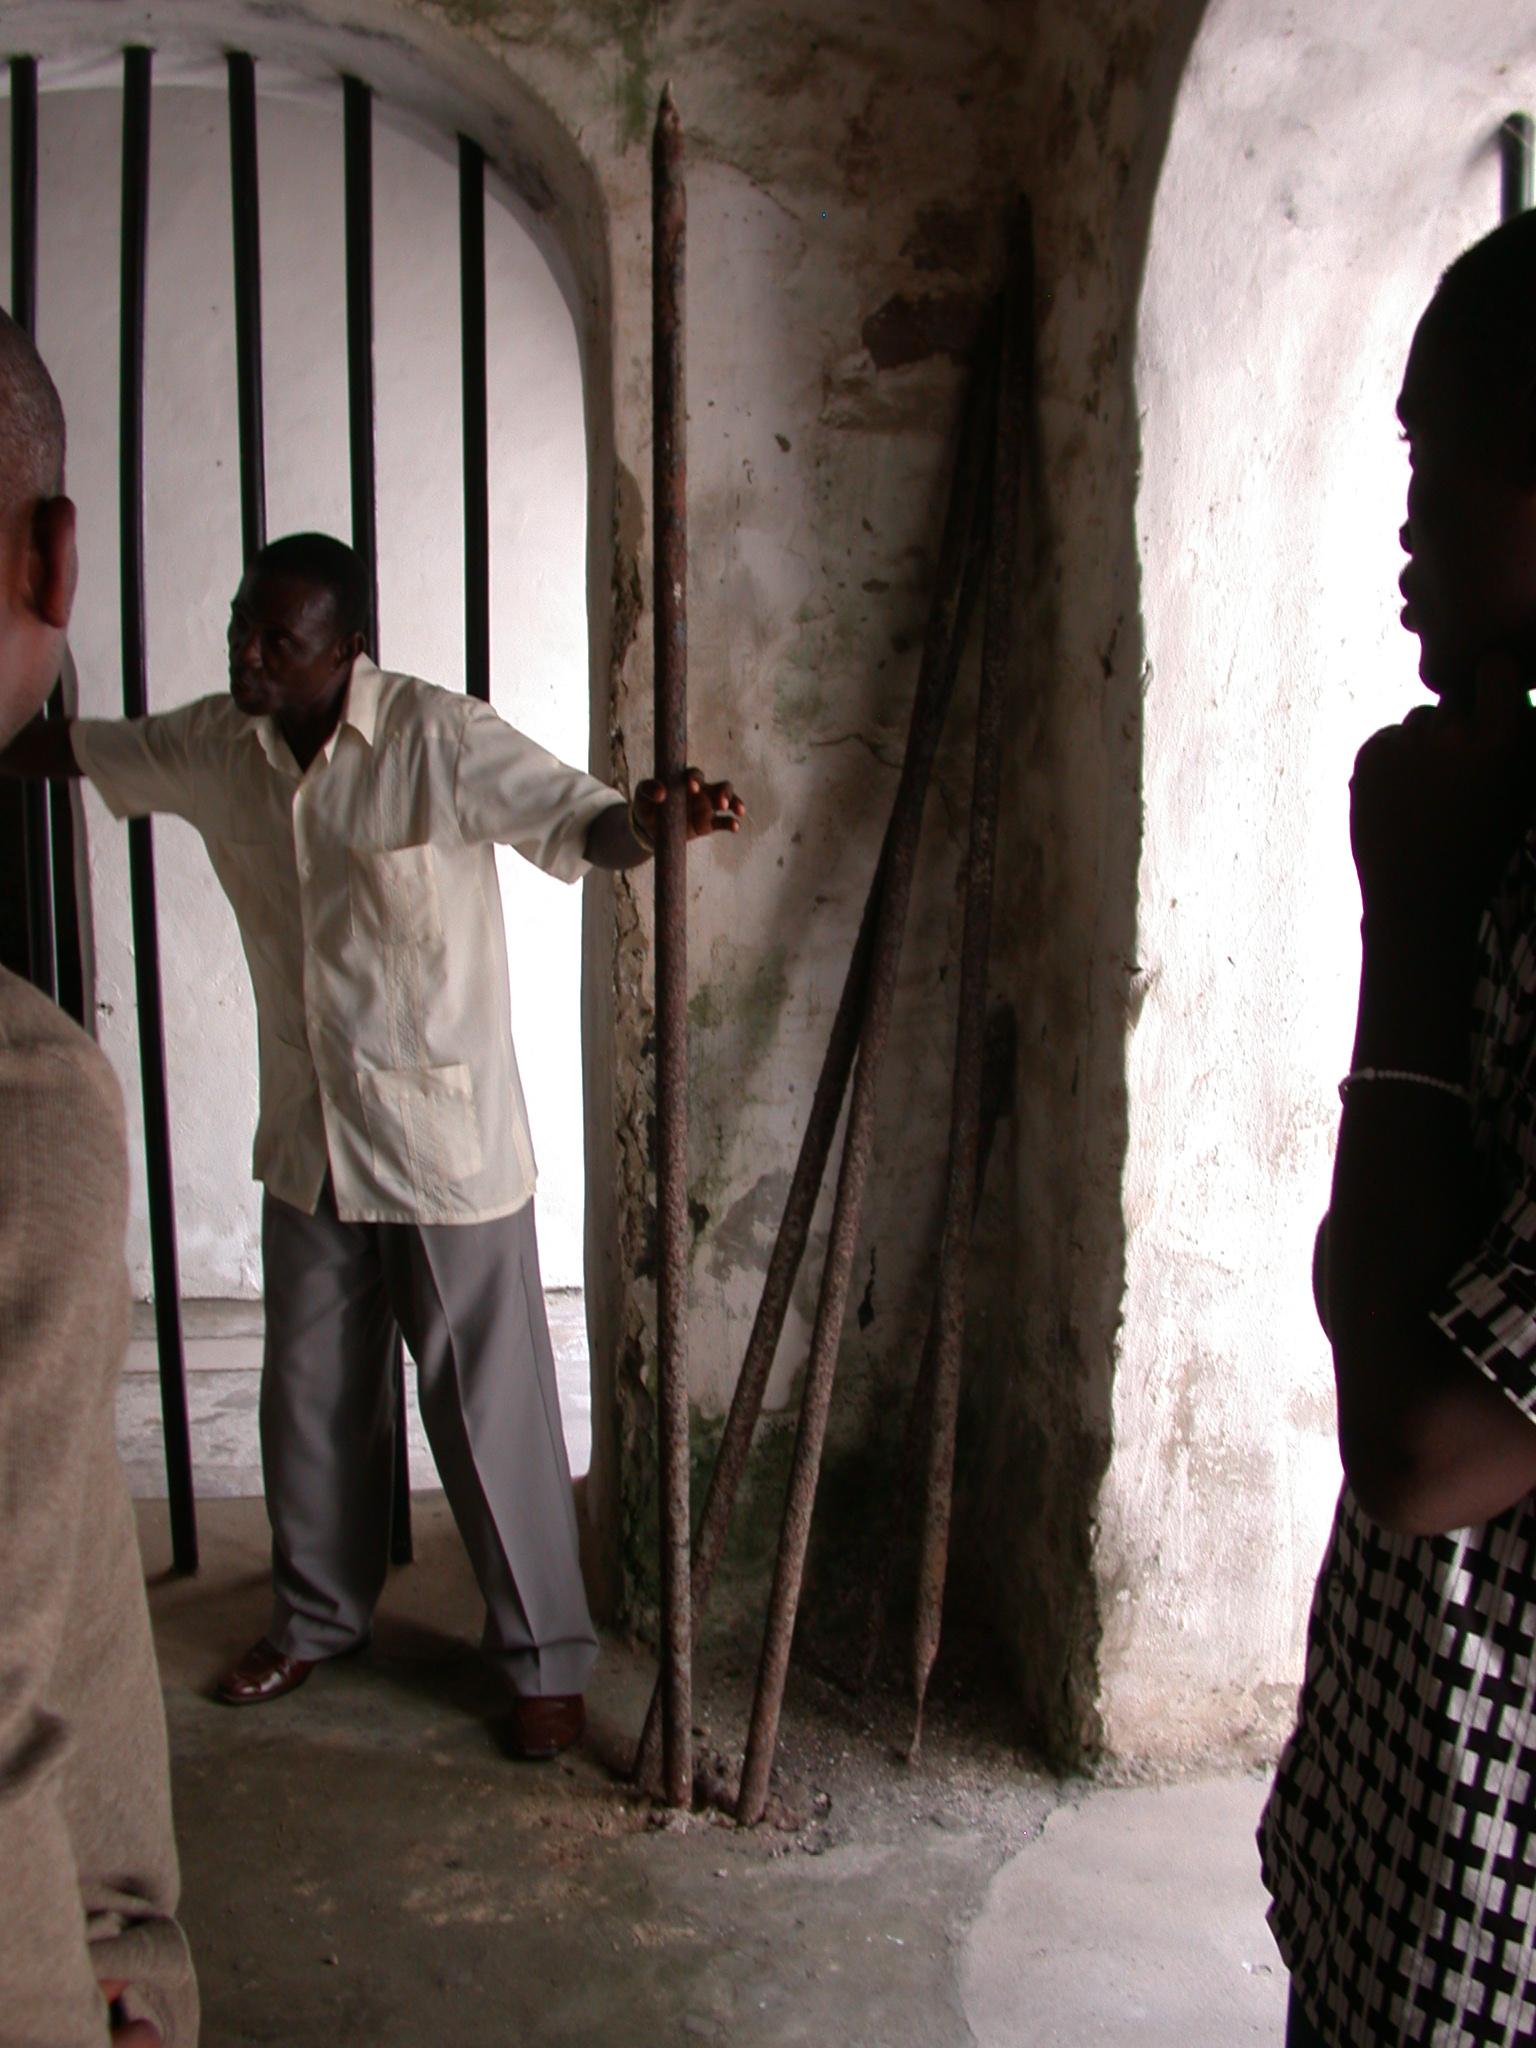 Original Bars on Slave Cells, Elmina Slave Fort, Elmina, Ghana